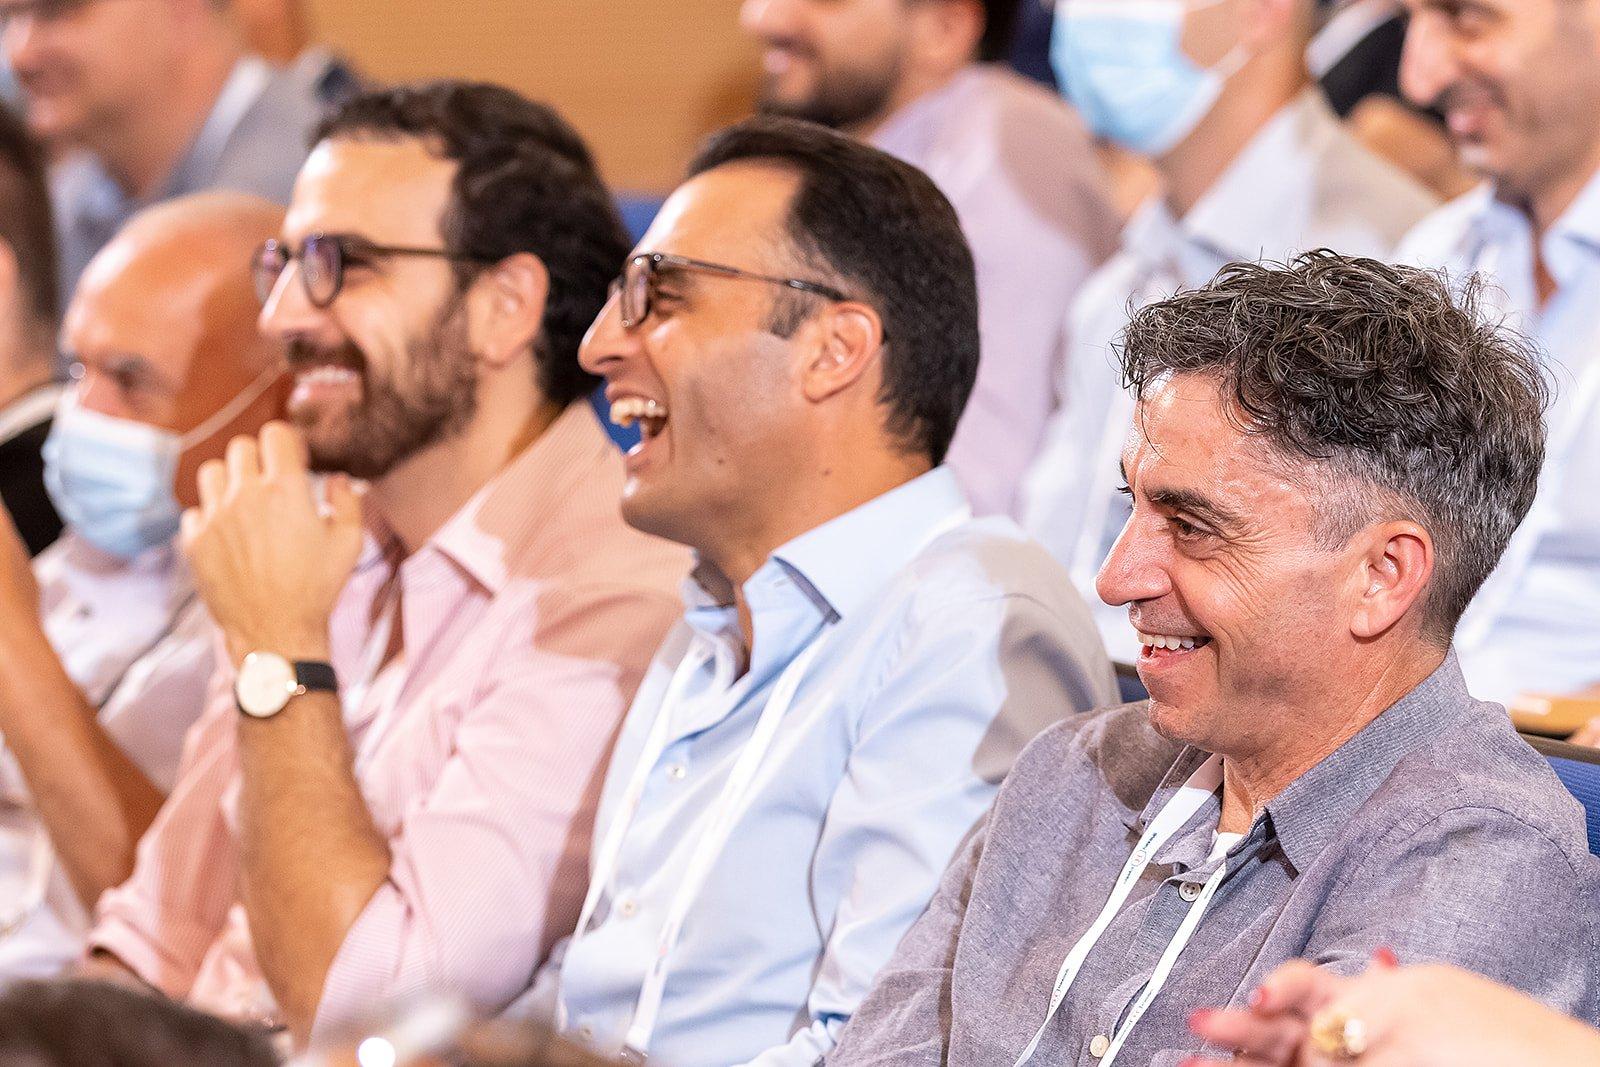 """صندوق الاستثمار """"تكوين"""" يقود عمليه بناء صناعه الهايتك والاستثمار في المجتمع العربي-2"""